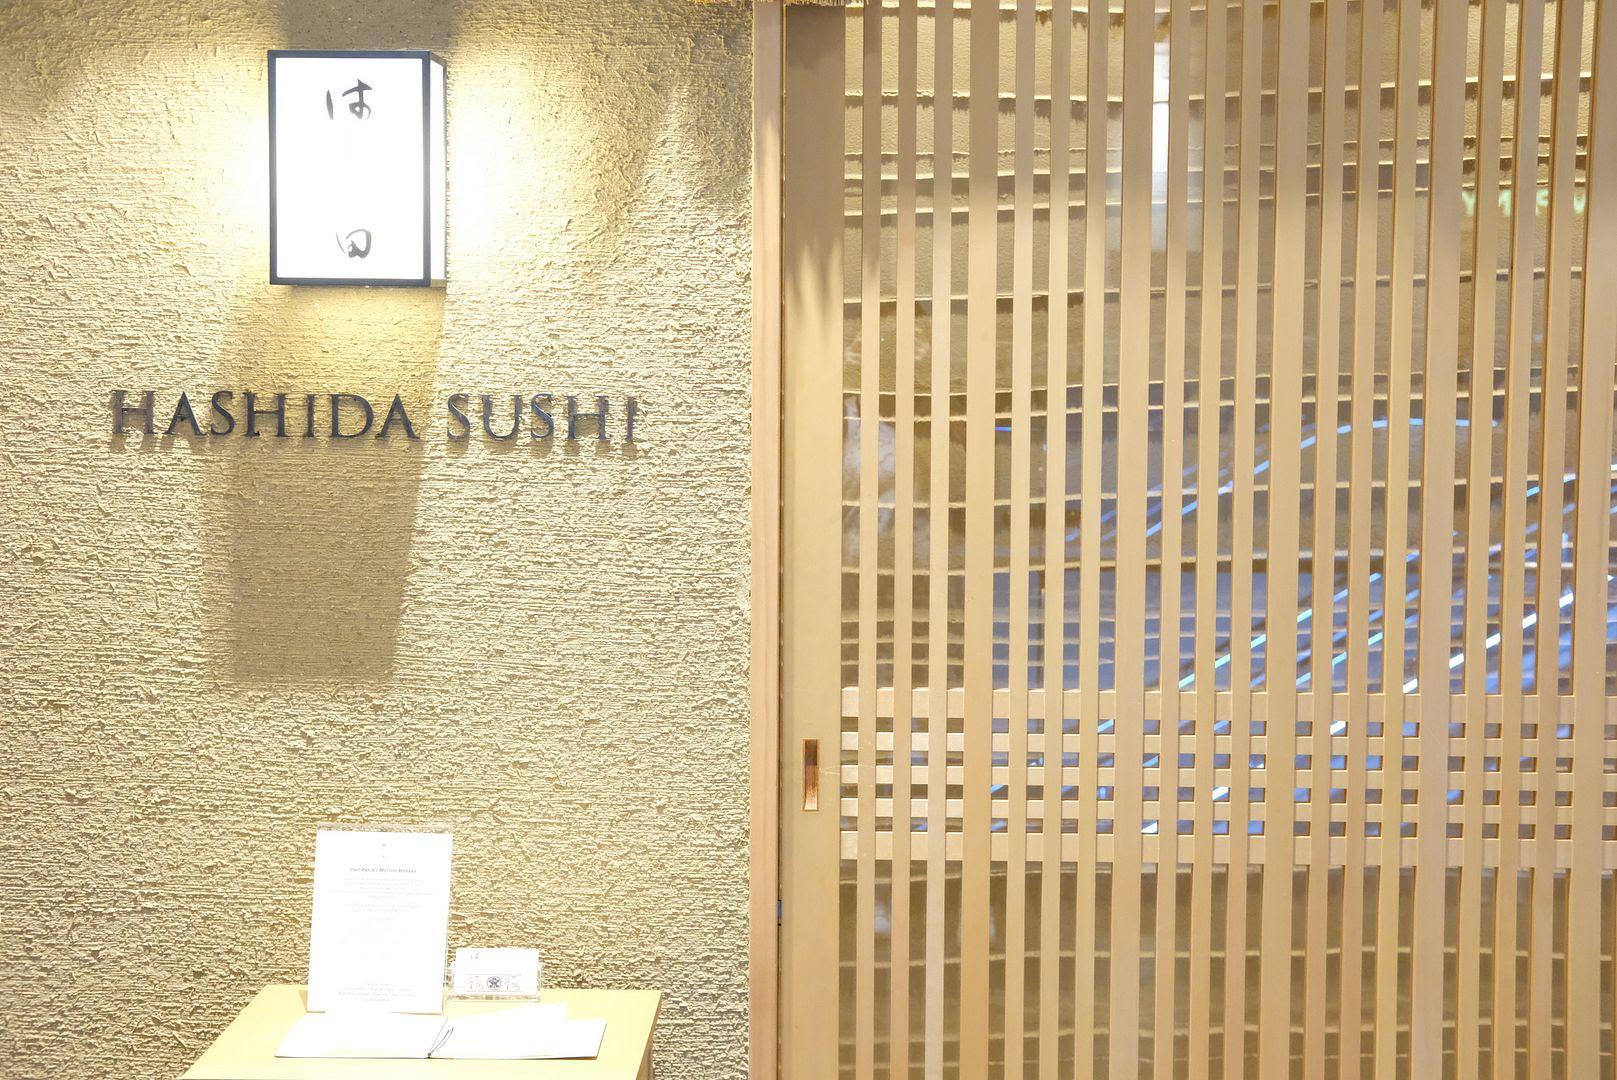 photo Hashida sushi singapore.jpg